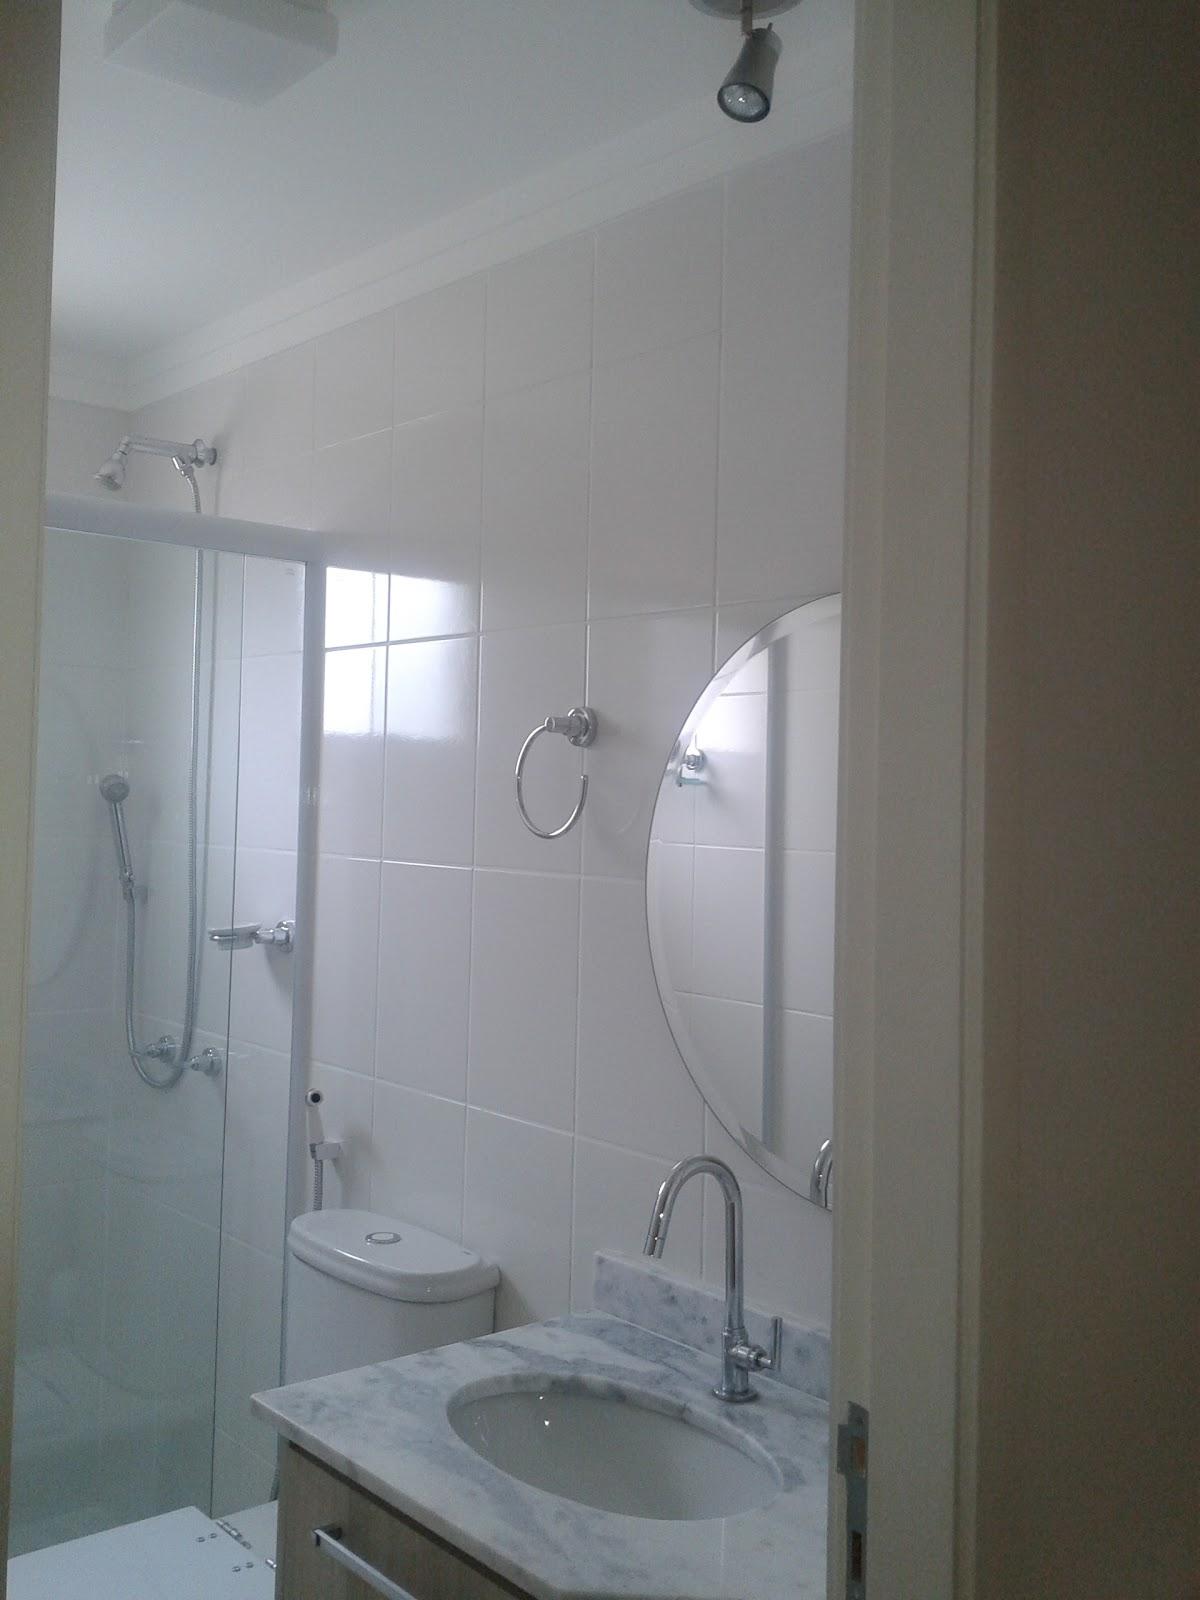 ARQUITETURA E DESIGN VERIDIANA NEVES Jundiaí e região: Apartamento  #595F72 1200x1600 Acessorios Do Banheiro